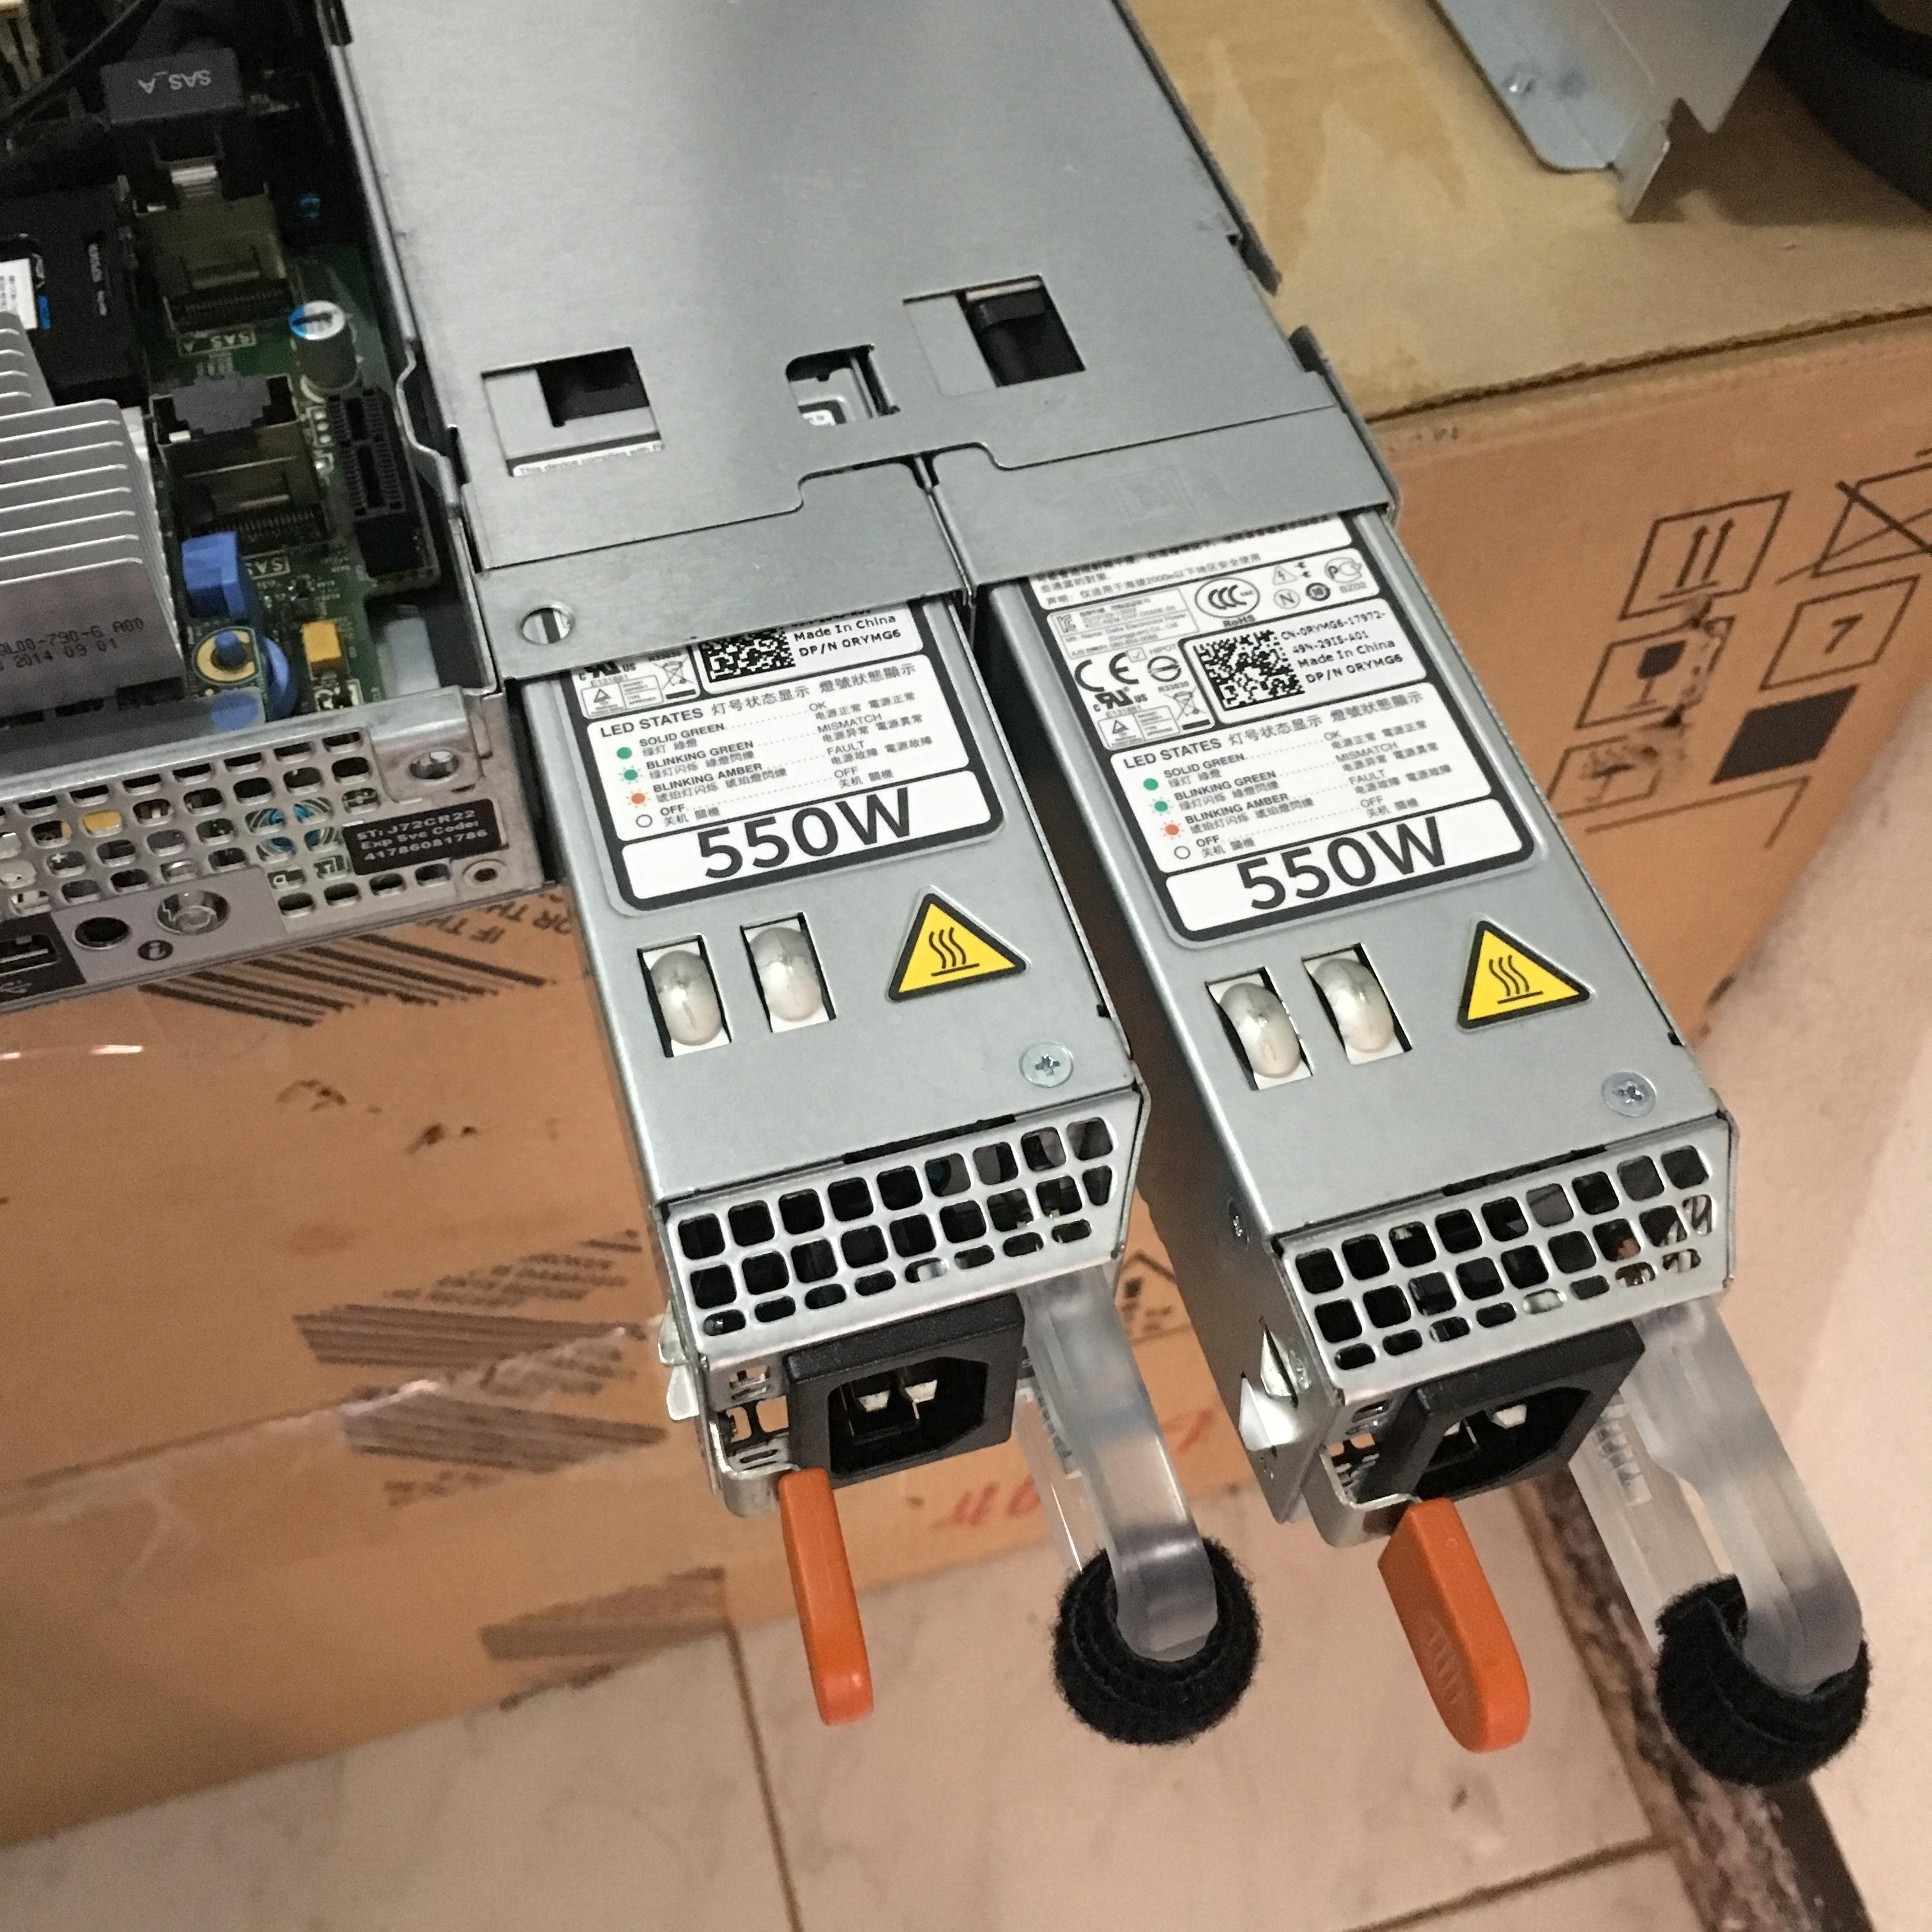 ปิดการขายครับ ## ** ขอบคุณ ThaiHostTalk ครับ **Server Dell